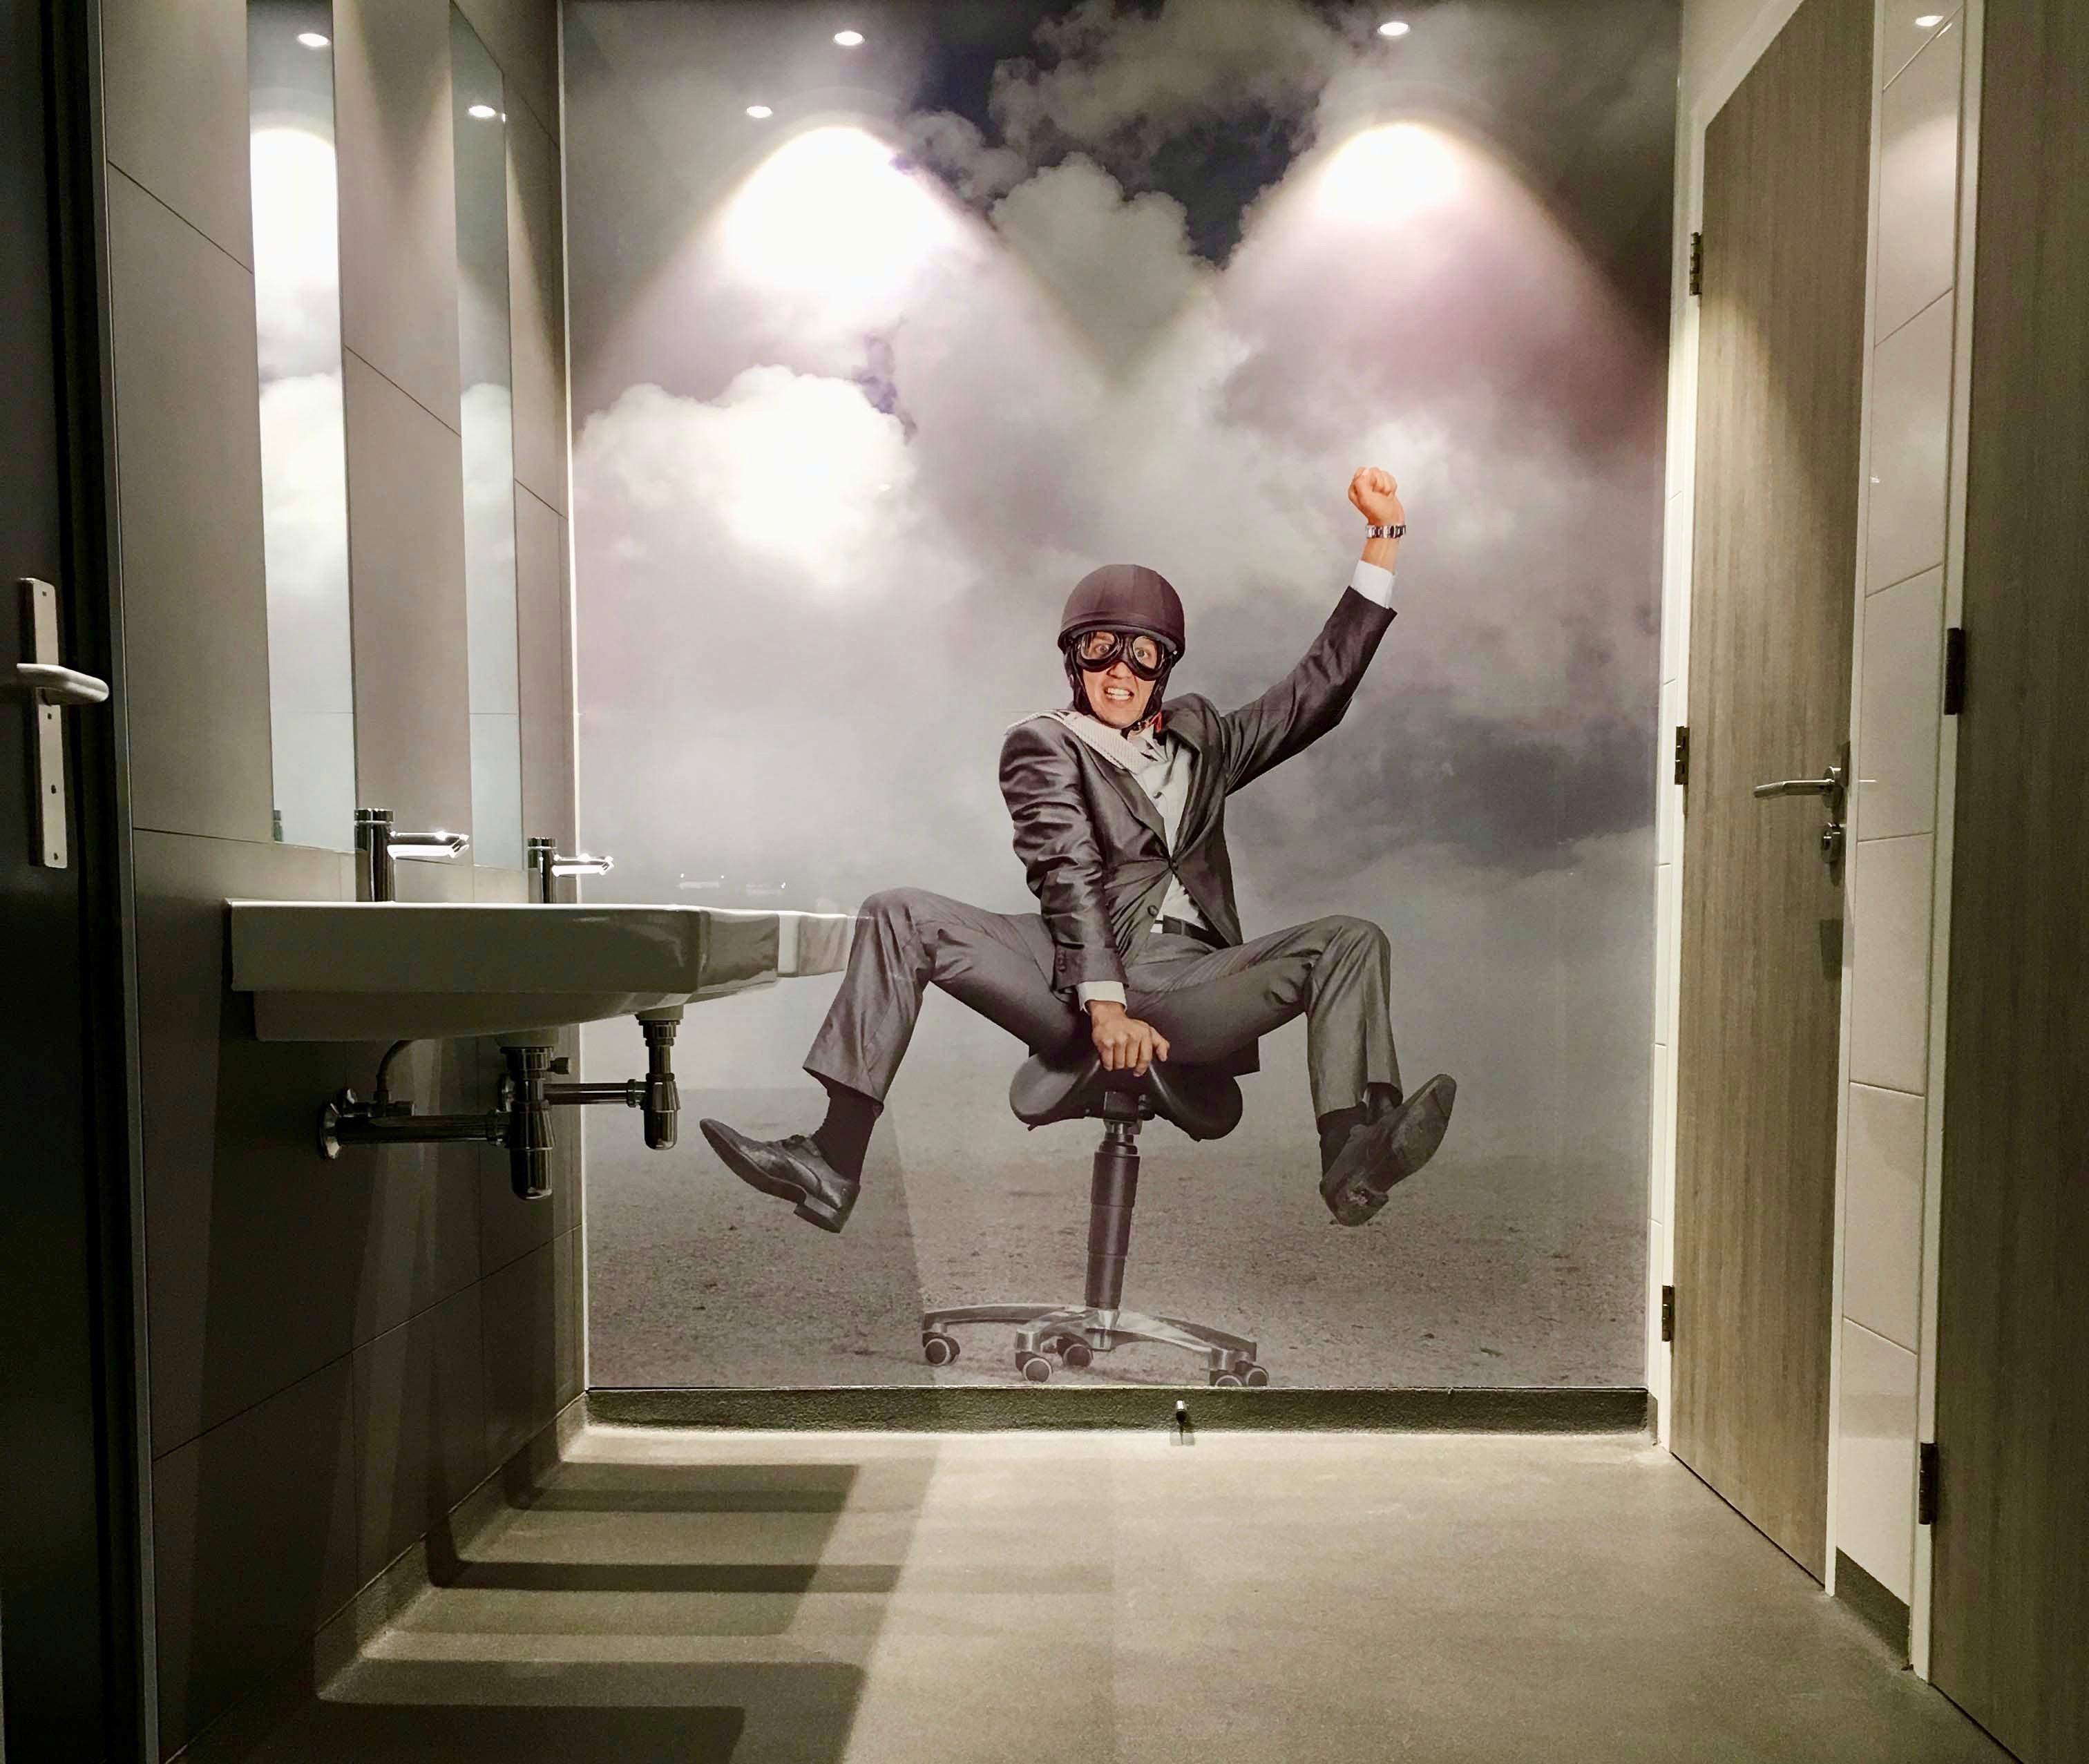 Toletto toiletten Corda Campus Hasselt16_01